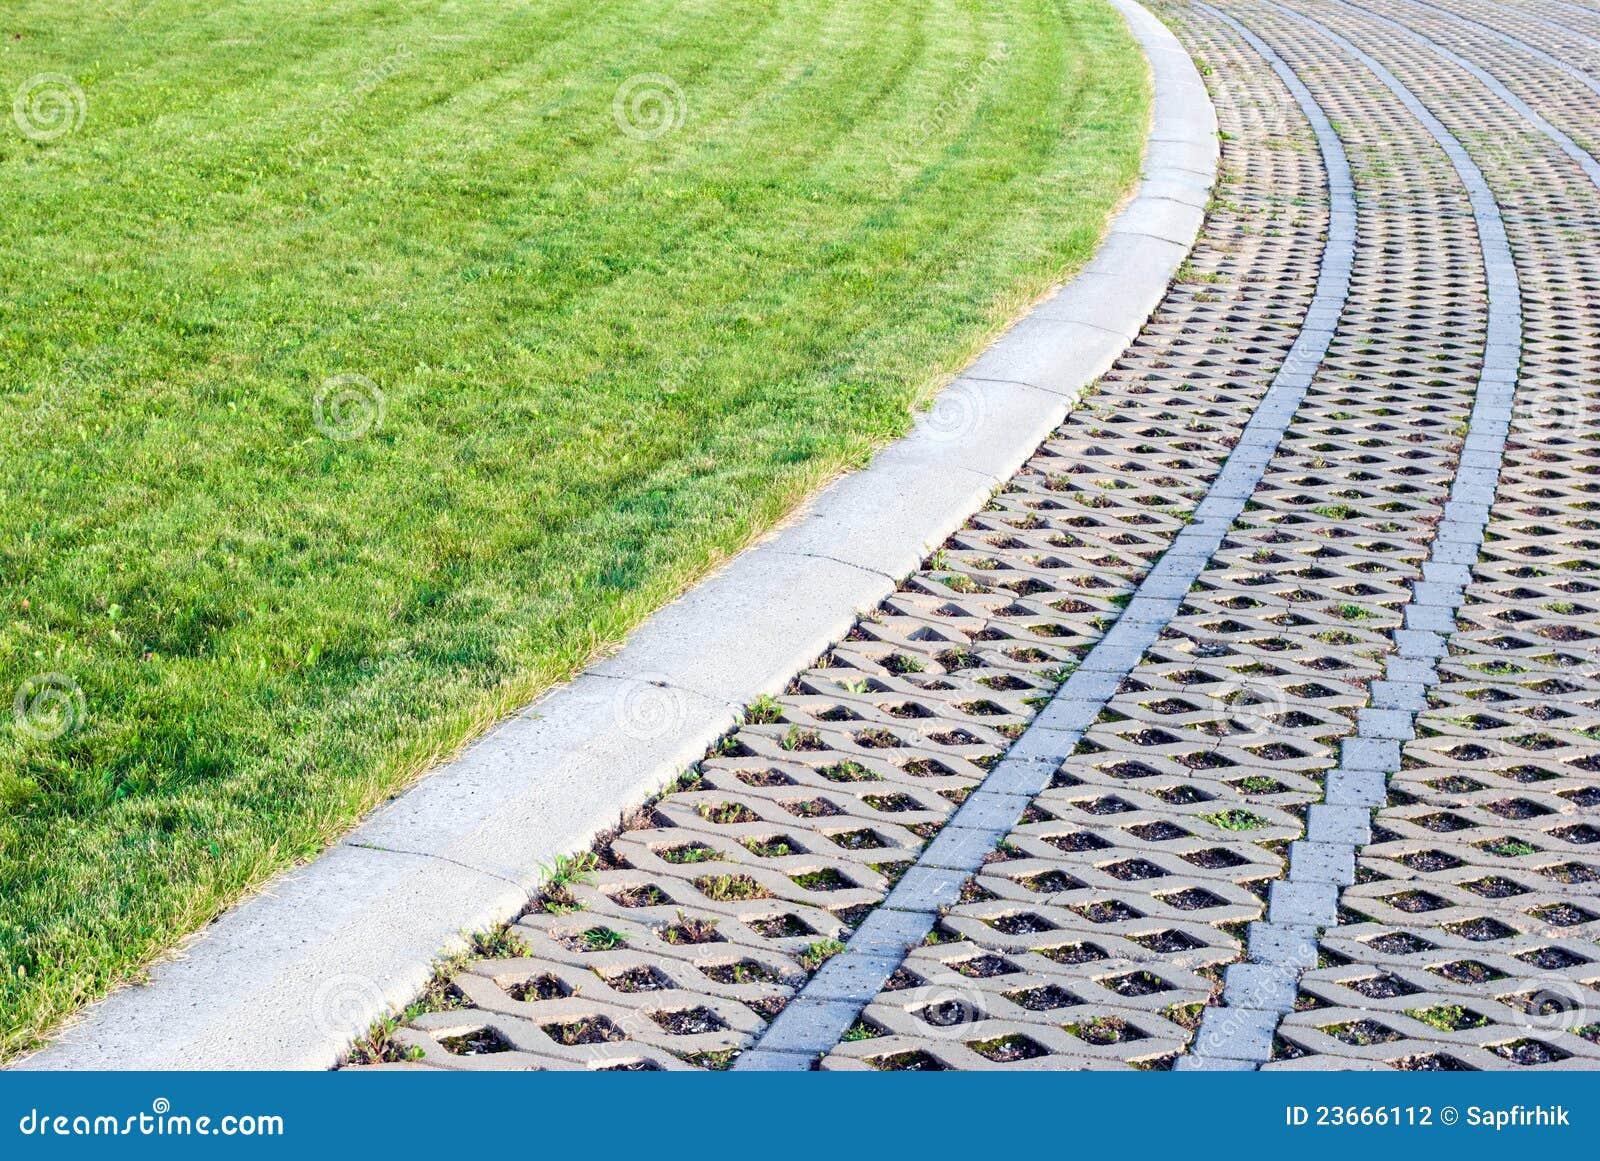 Groen gazon met kiezelstenen en tegels stock fotografie beeld 23666112 - Tuin ideeen met kiezelstenen ...